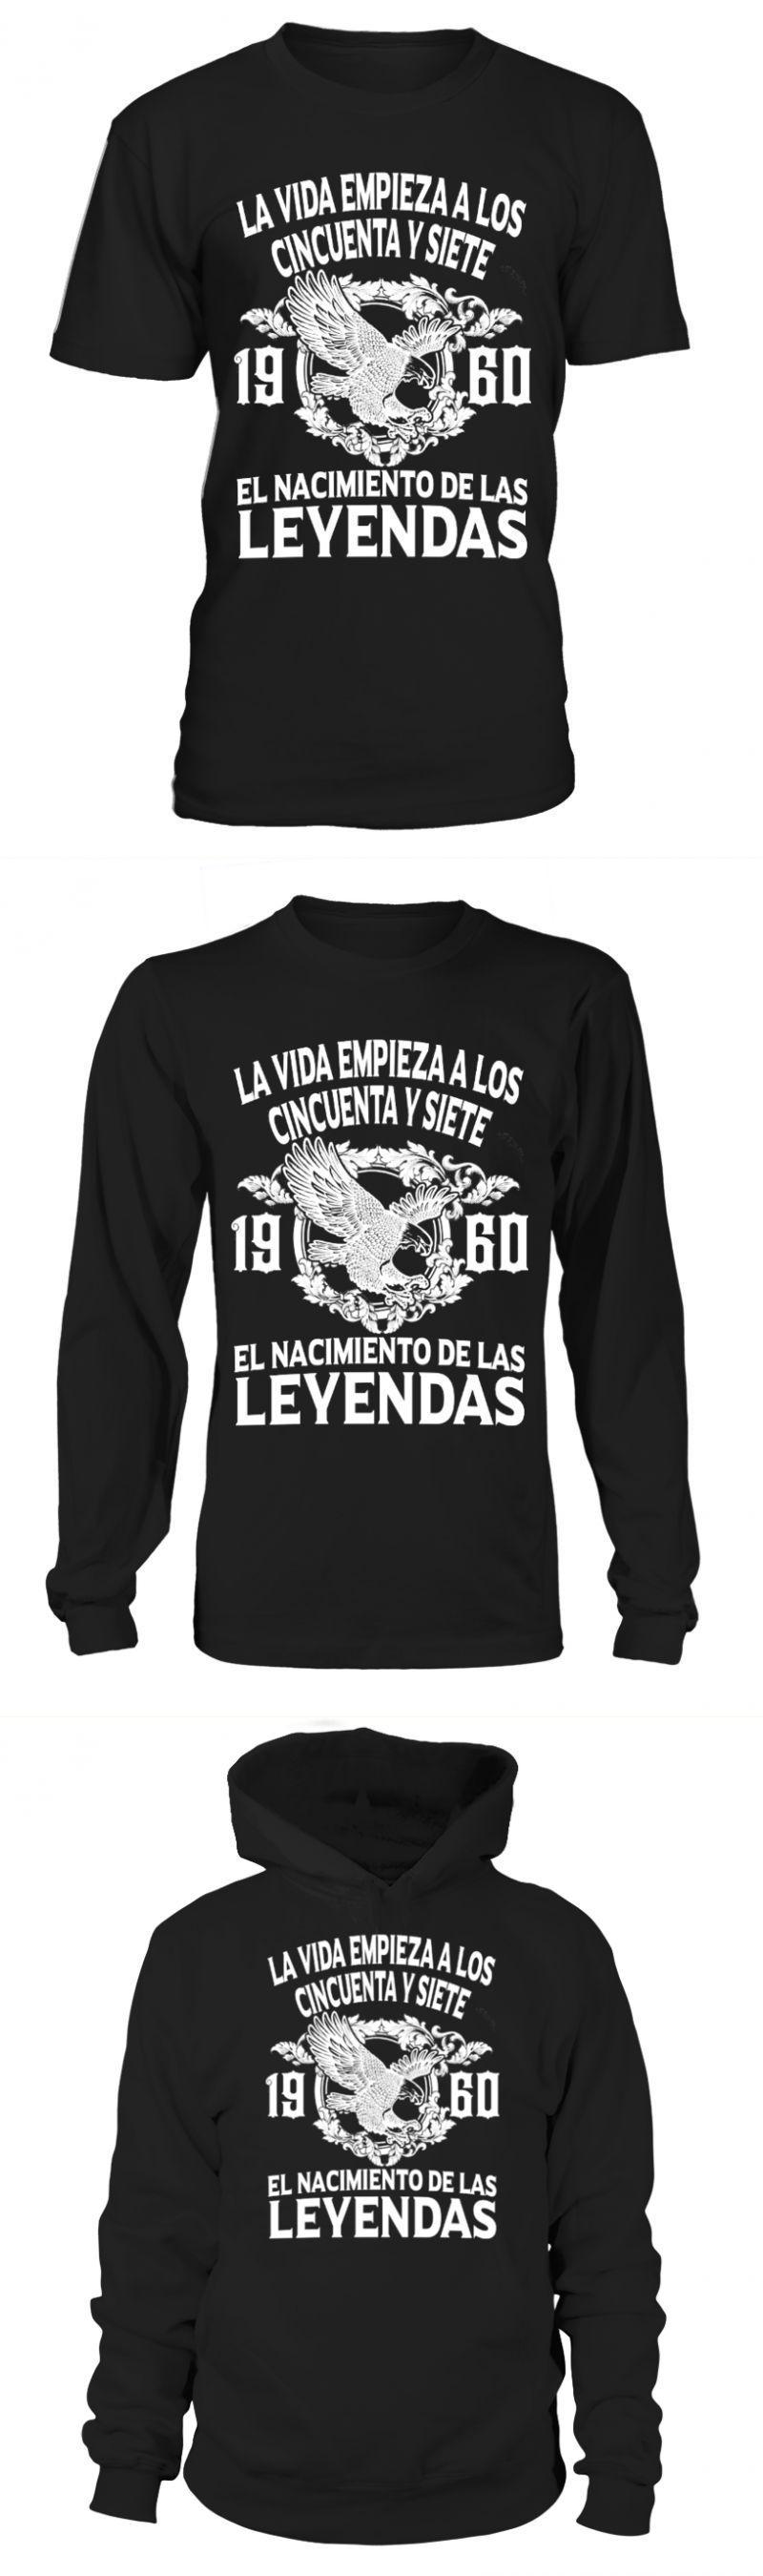 New years eve t shirts la vida empieza a los 57 1960